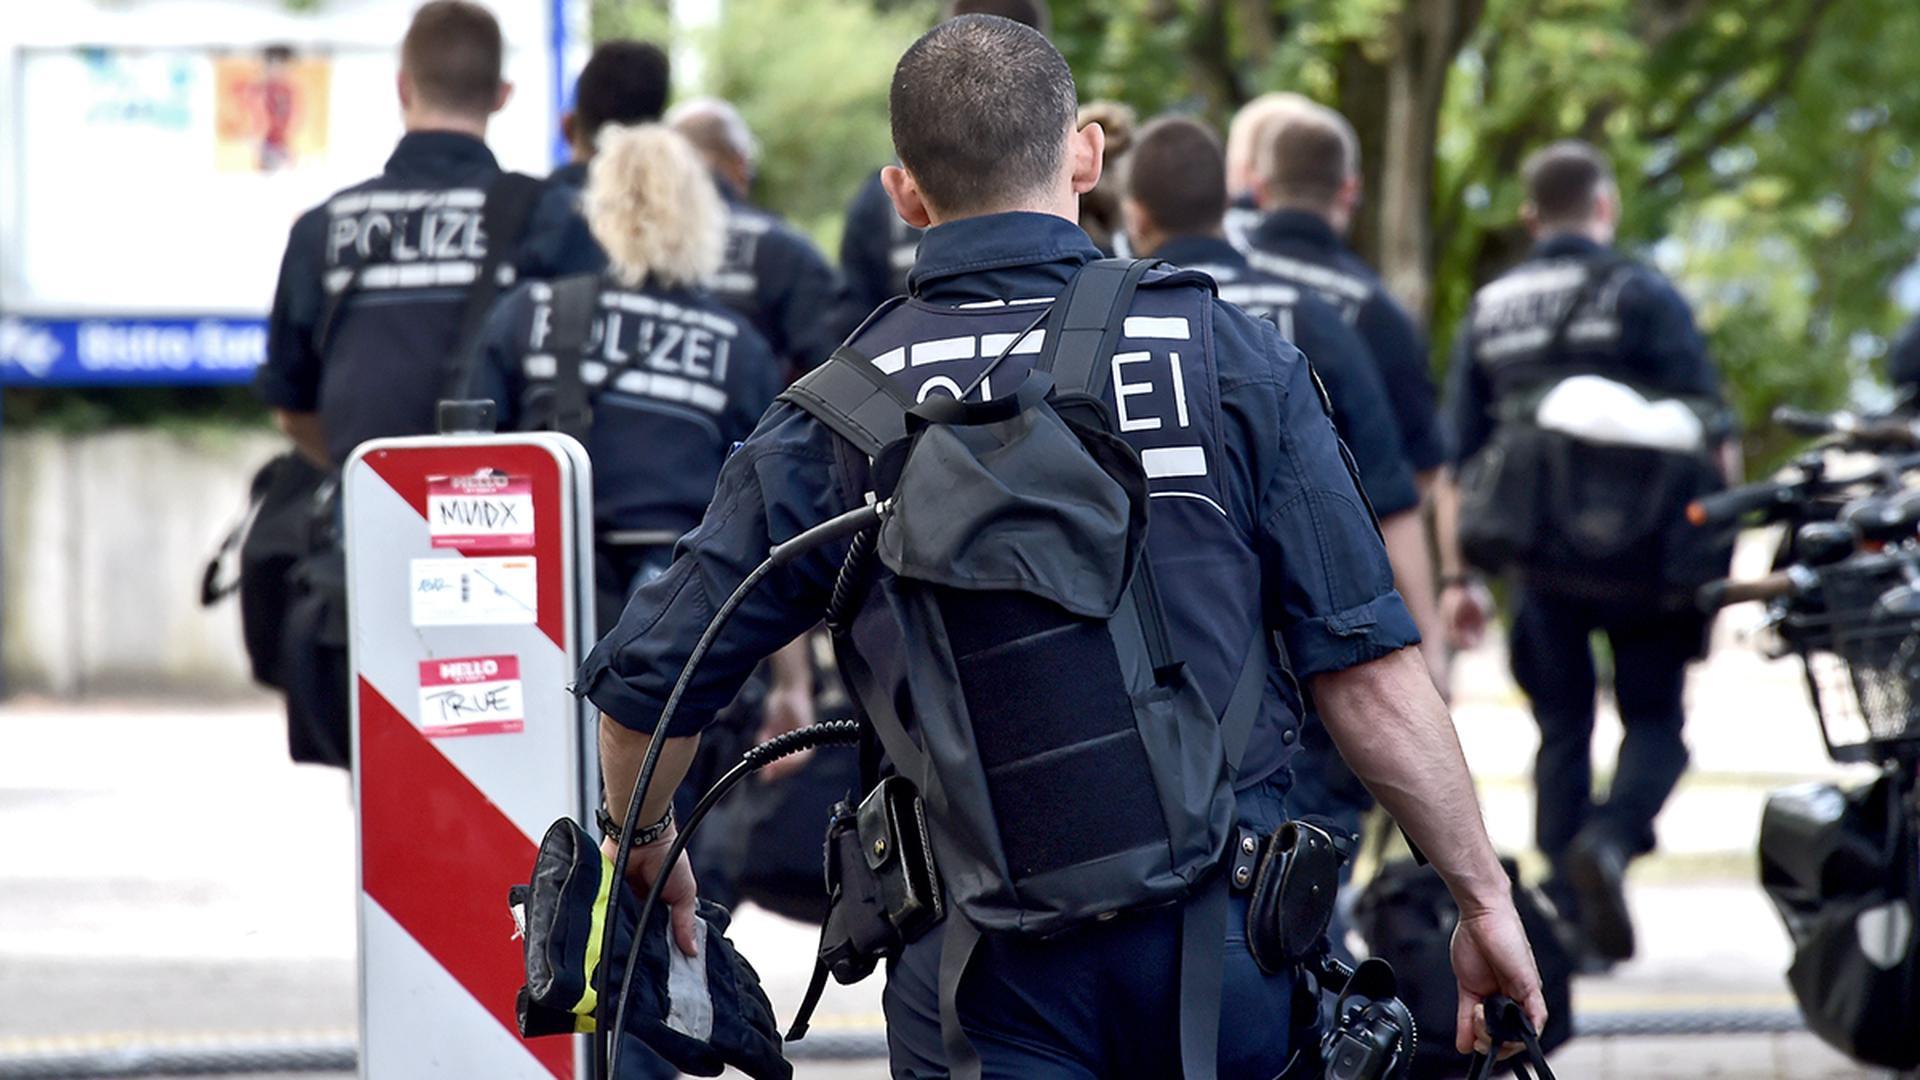 Polizei Nachrichten Karlsruhe